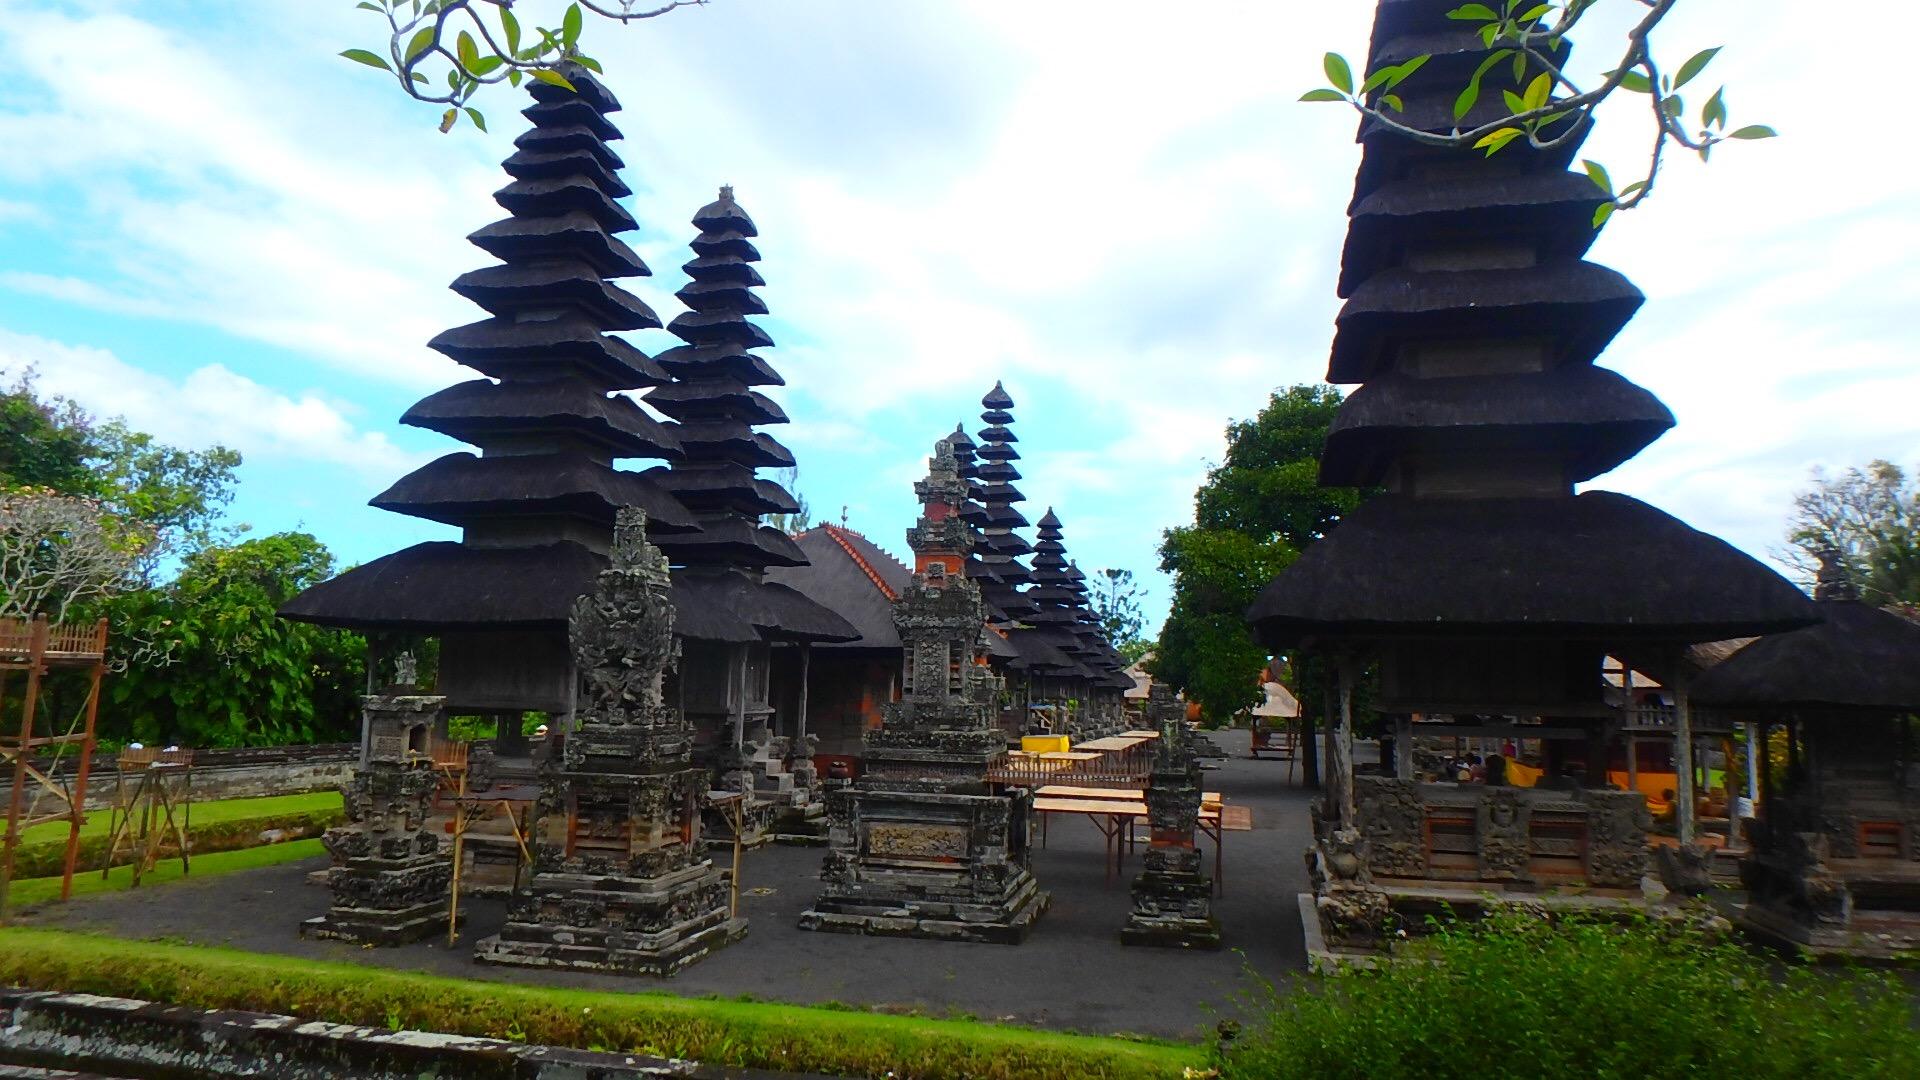 バリ島世界遺産タマンアユン寺院カーチャーター